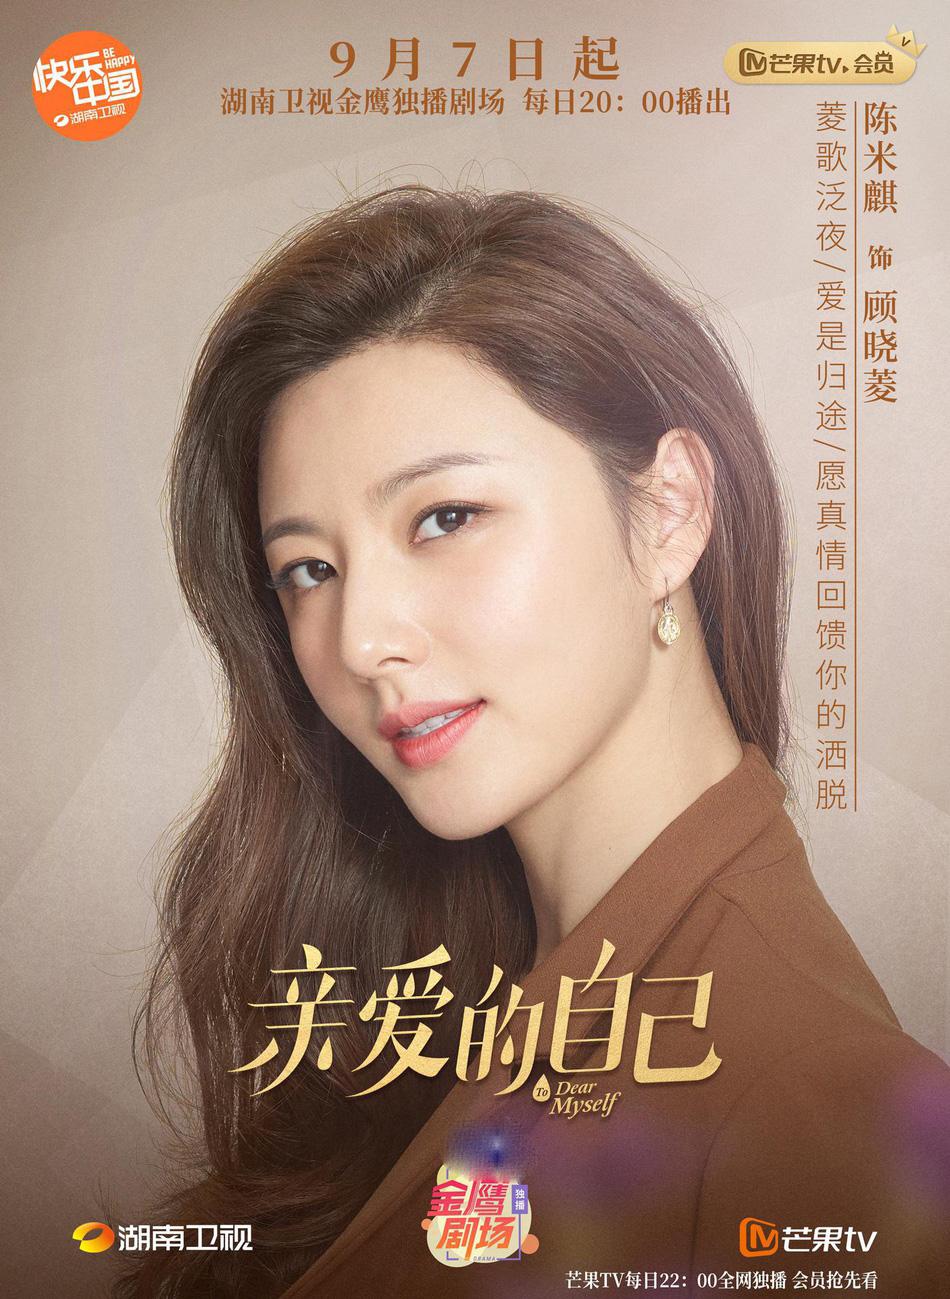 《亲爱的自己》陈米麒角色海报照图片